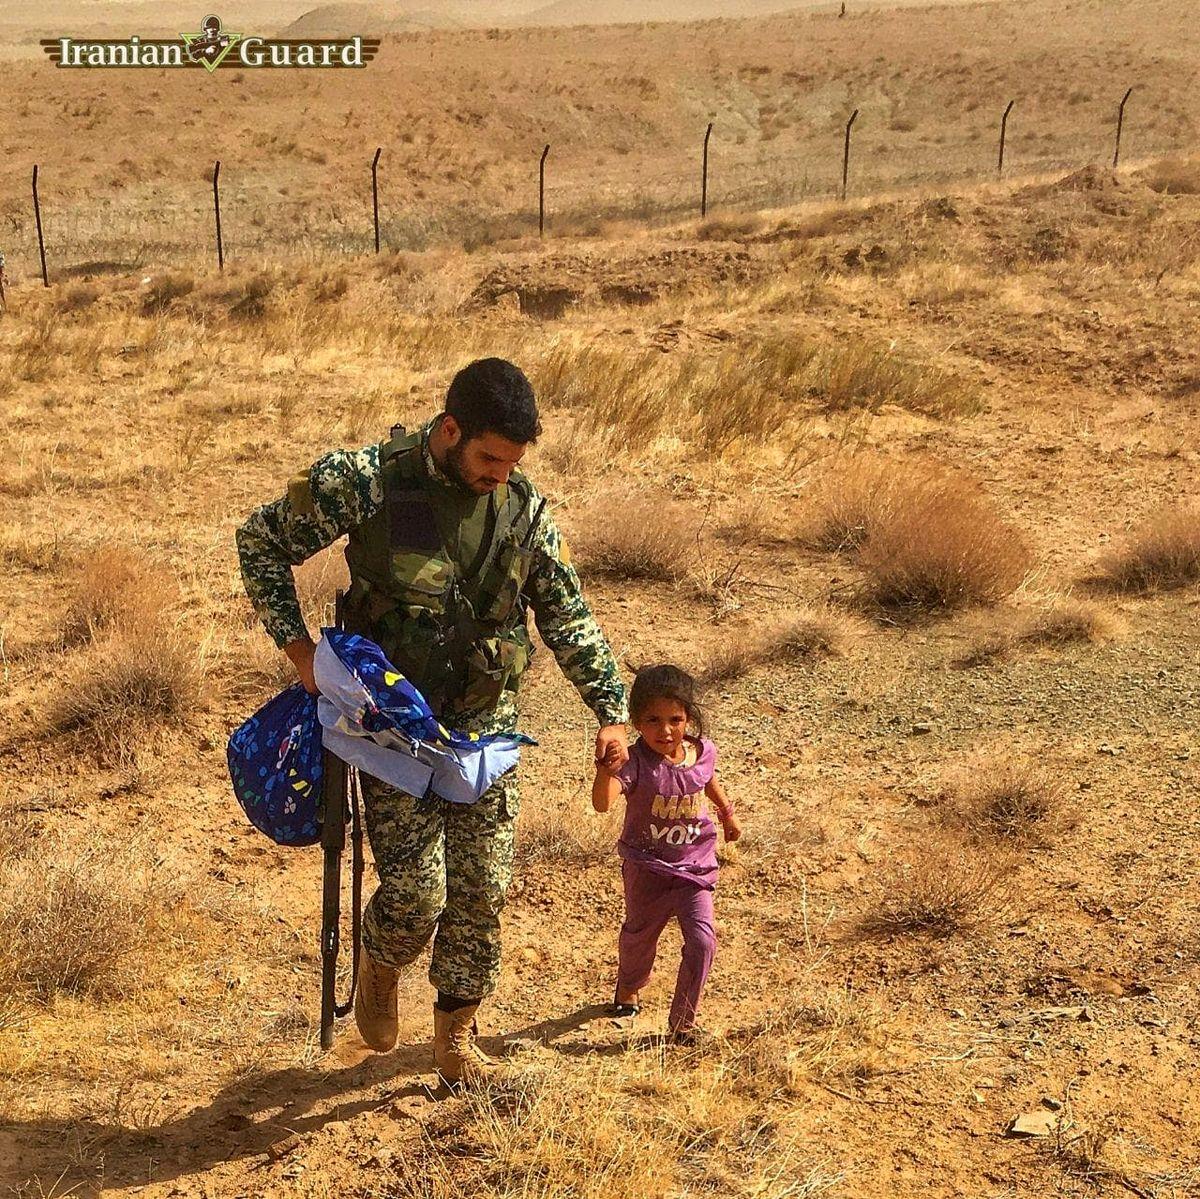 تصویری جالب از نقطه صفر مرزی ایران و افغانستان